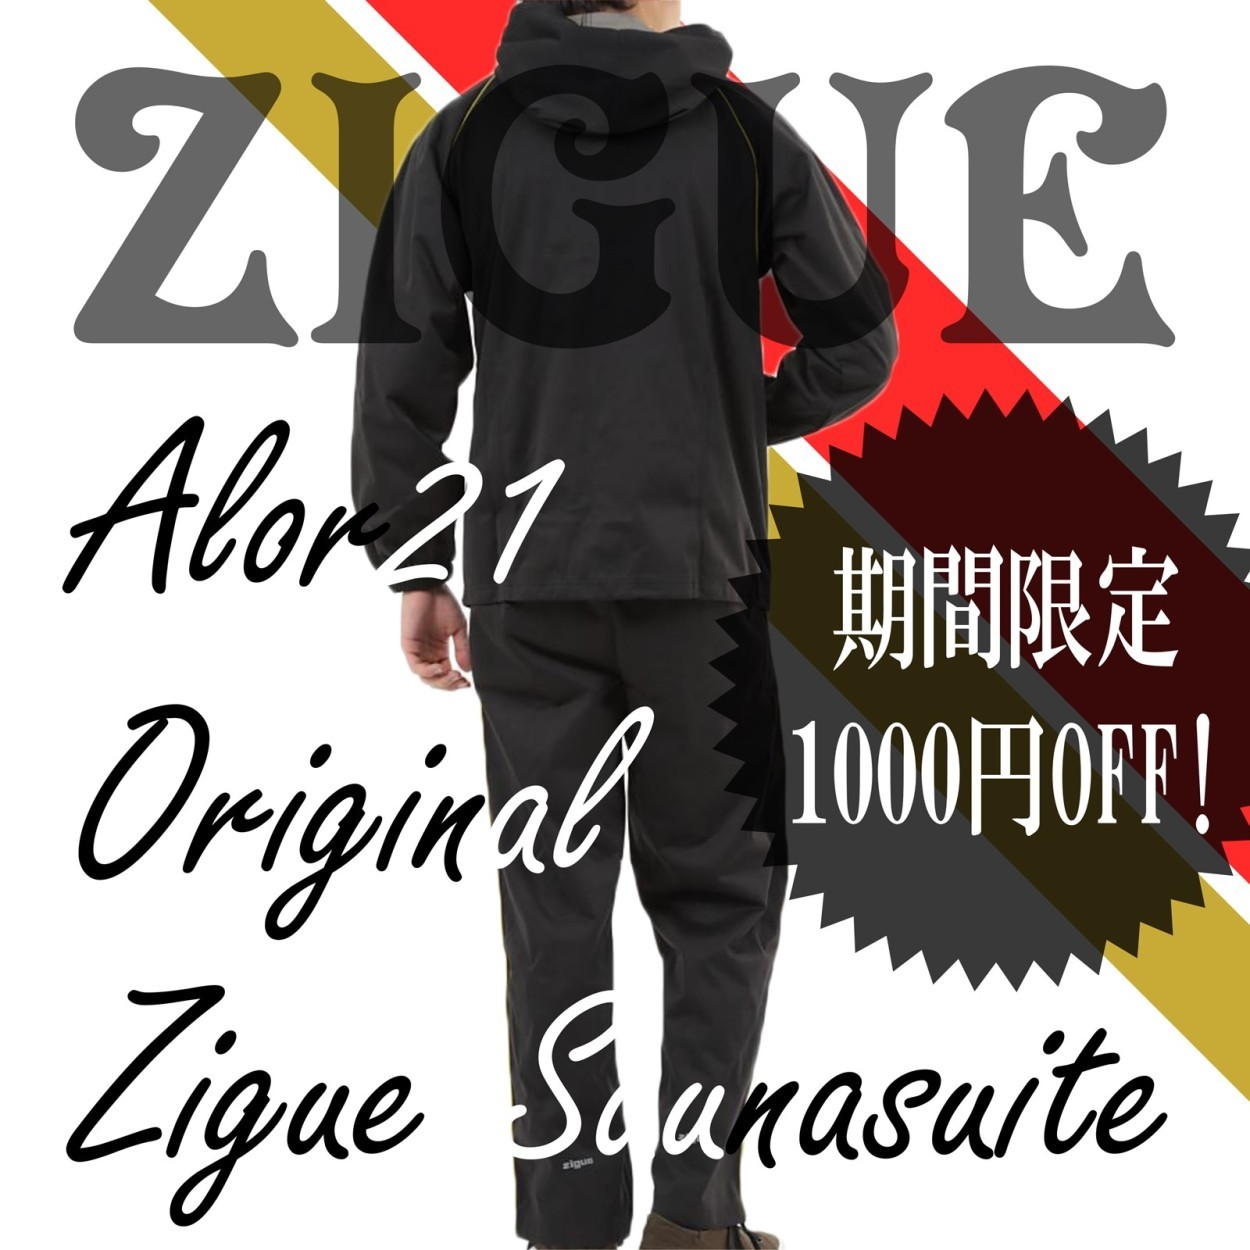 zigueサウナスーツ